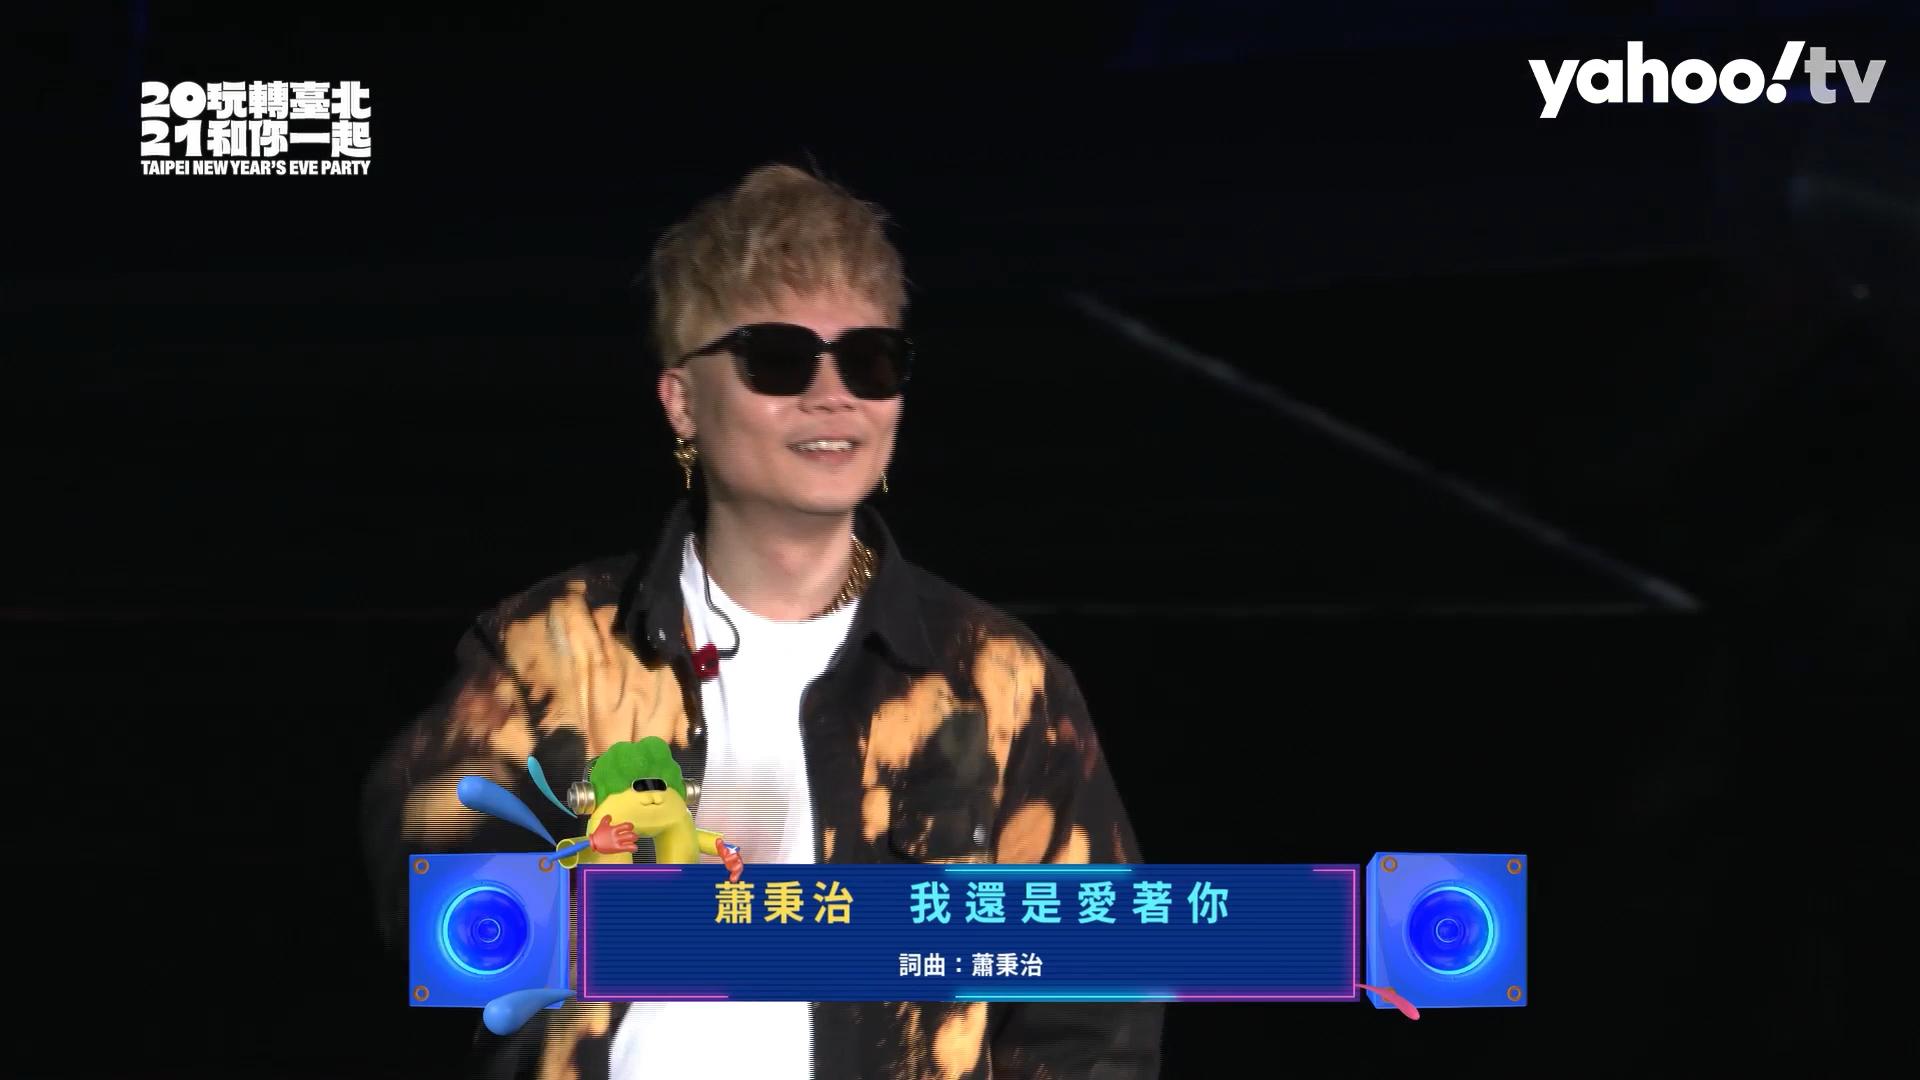 蕭秉治〈我還是愛著你〉+〈我是誰我是誰我是誰〉-2021臺北最HIGH新年城跨年晚會